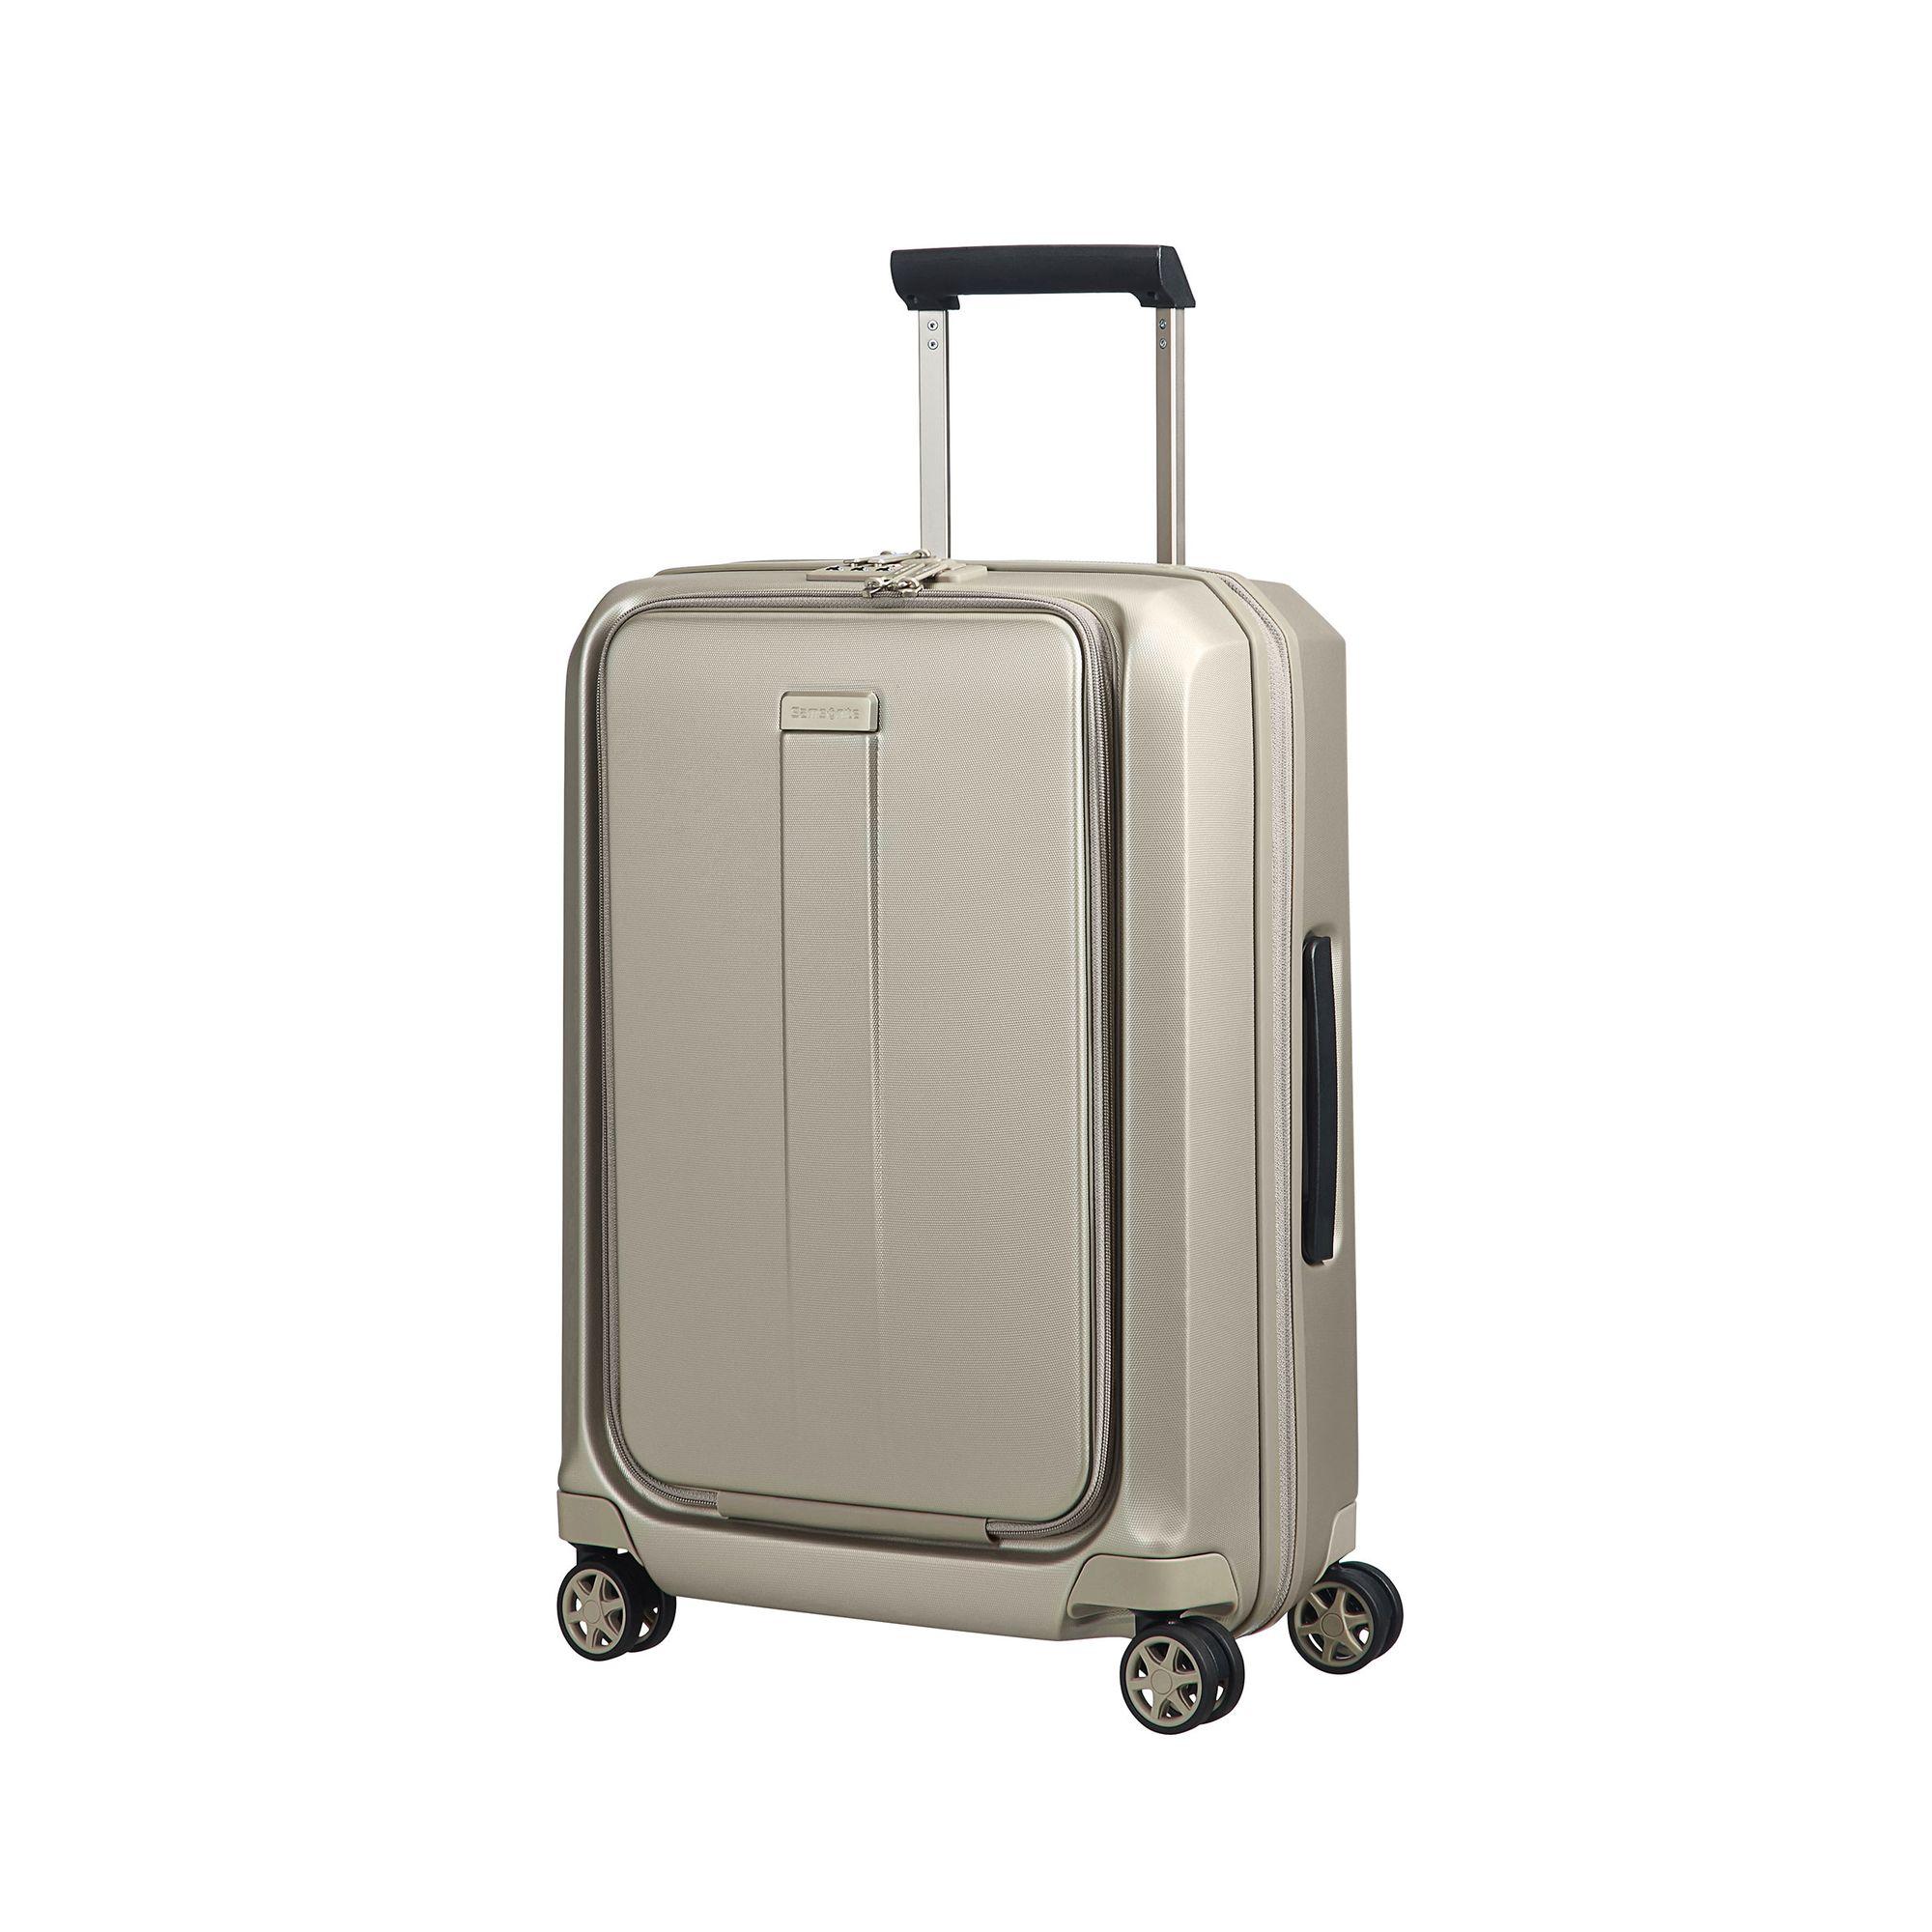 Köp väskor online till väldigt lågt pris!  1d27ef6f0efd2